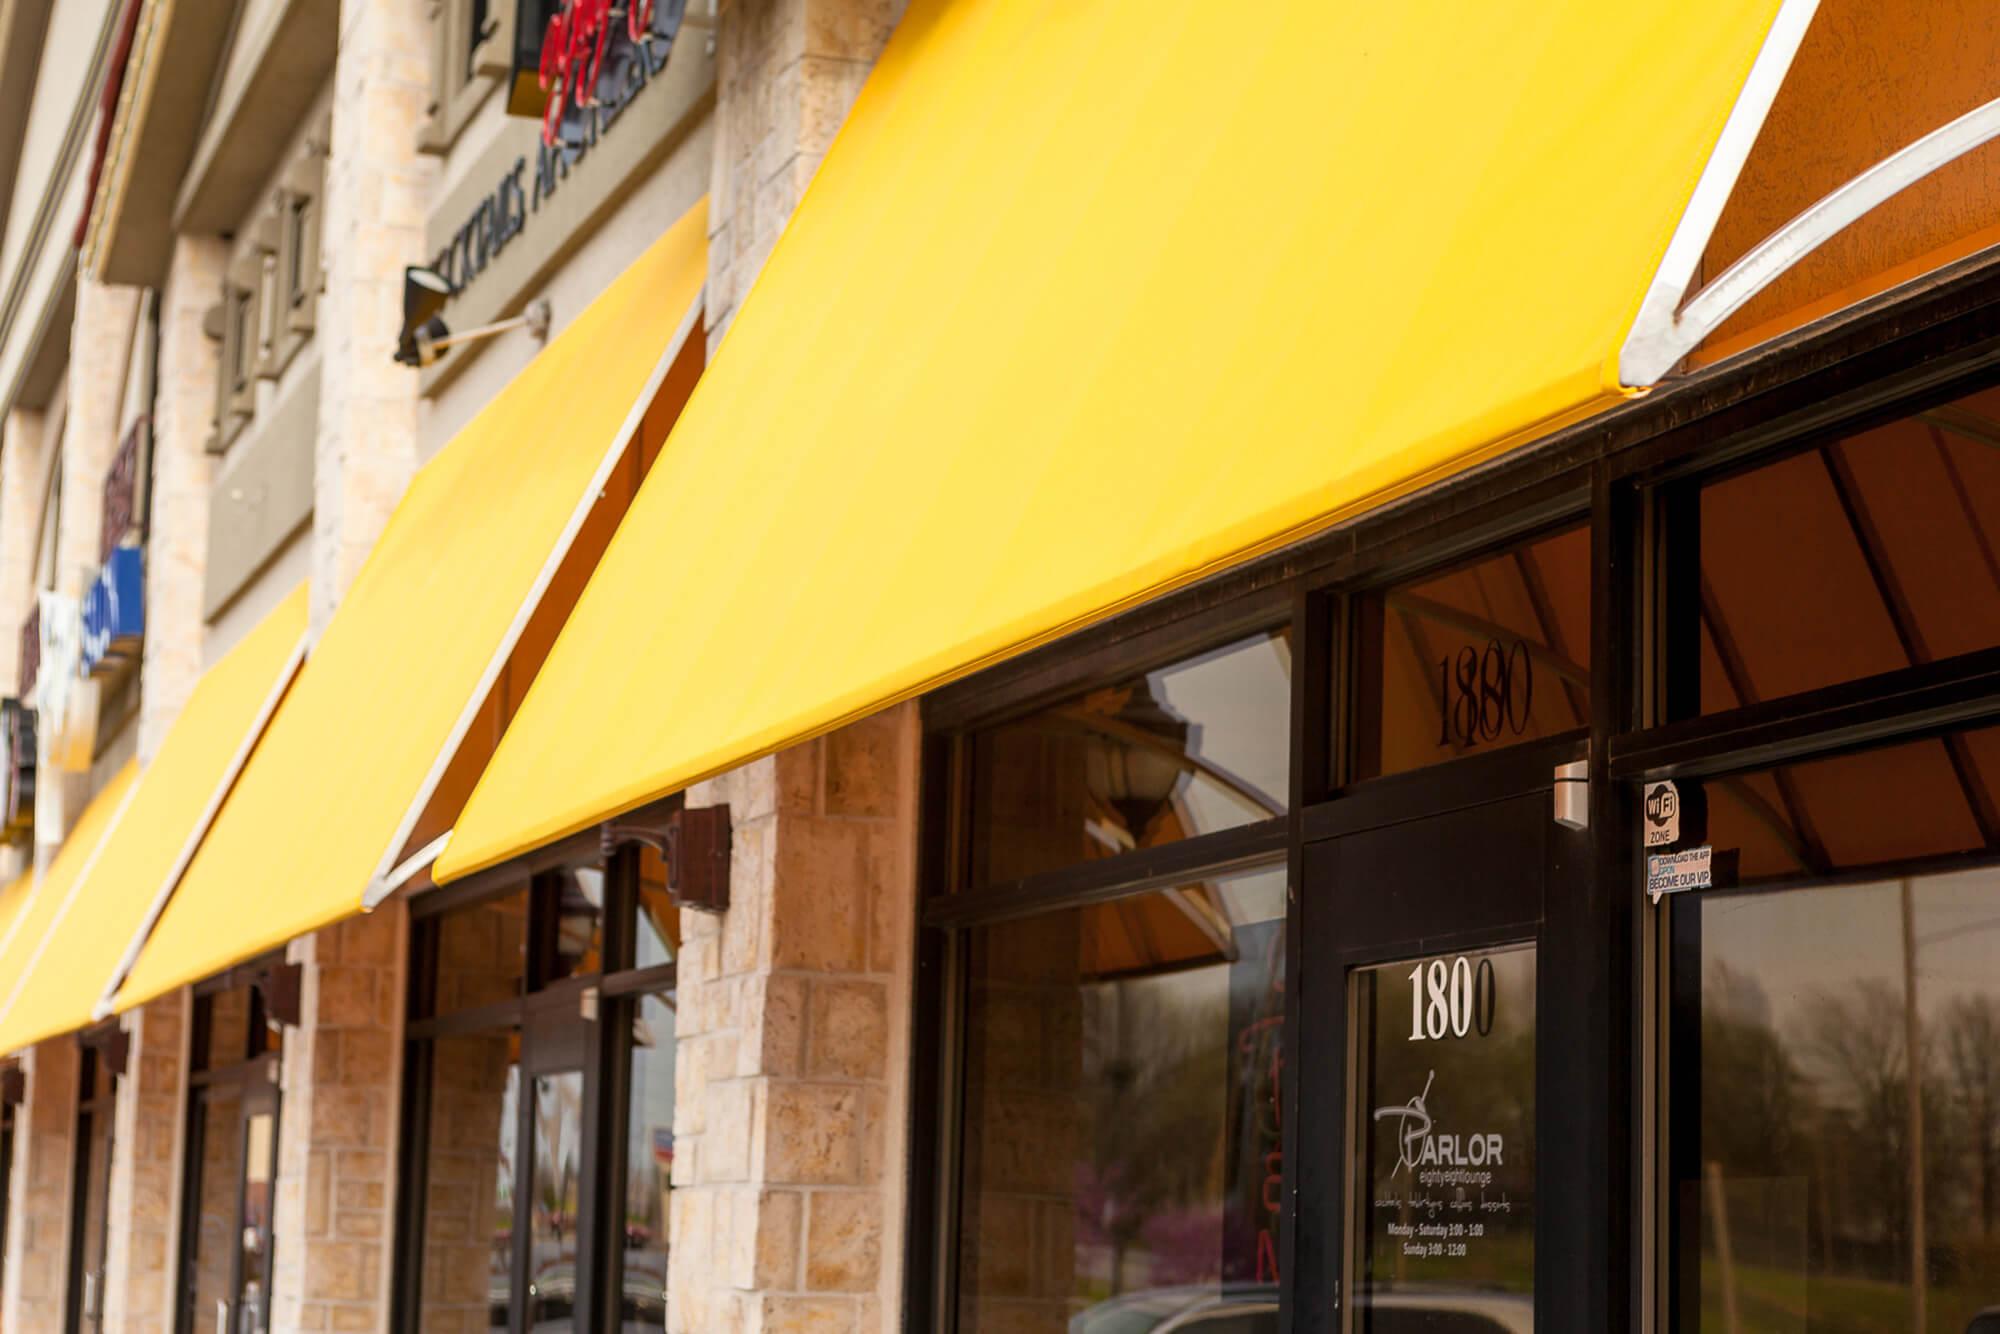 店门前的黄色 Sunbrella 织物固定框架遮阳篷